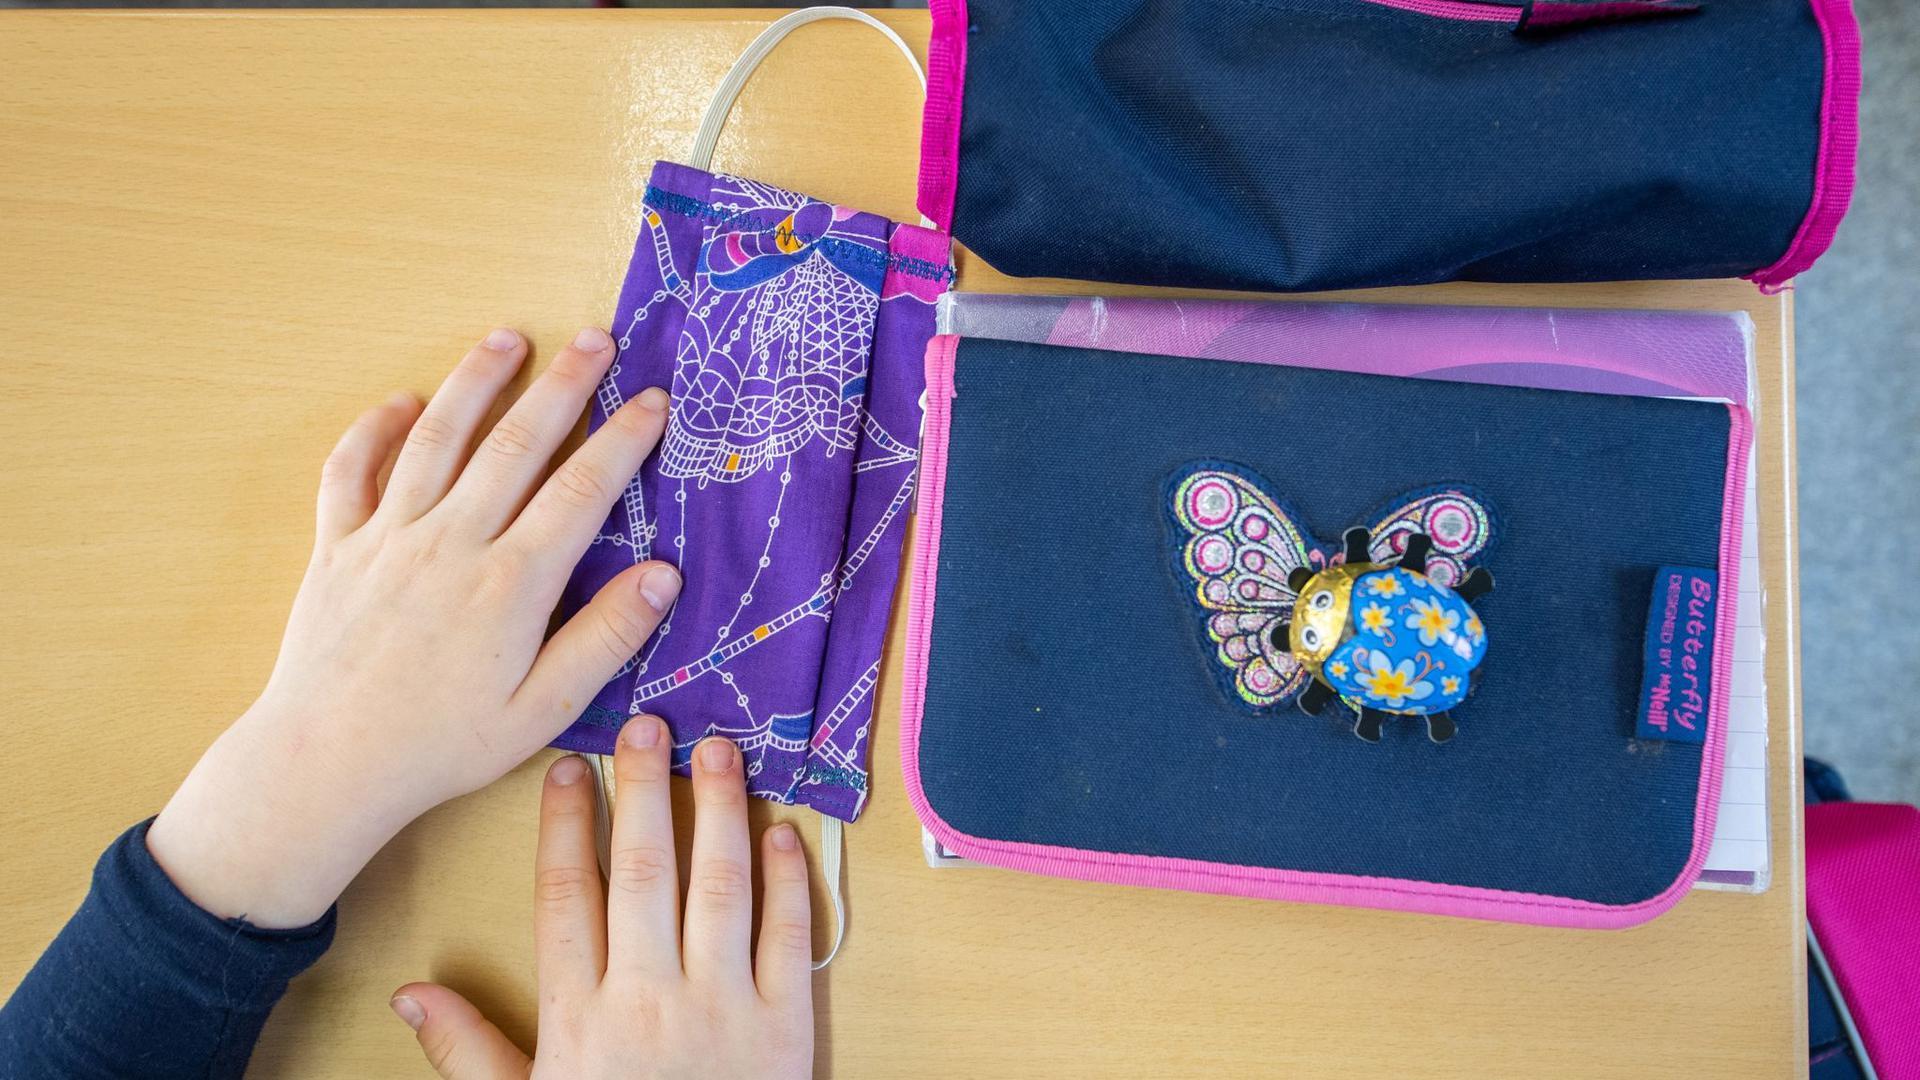 Eine Schülerin einer Grundschulklasse legt ihren Mundschutz neben ihre Schulmappe.